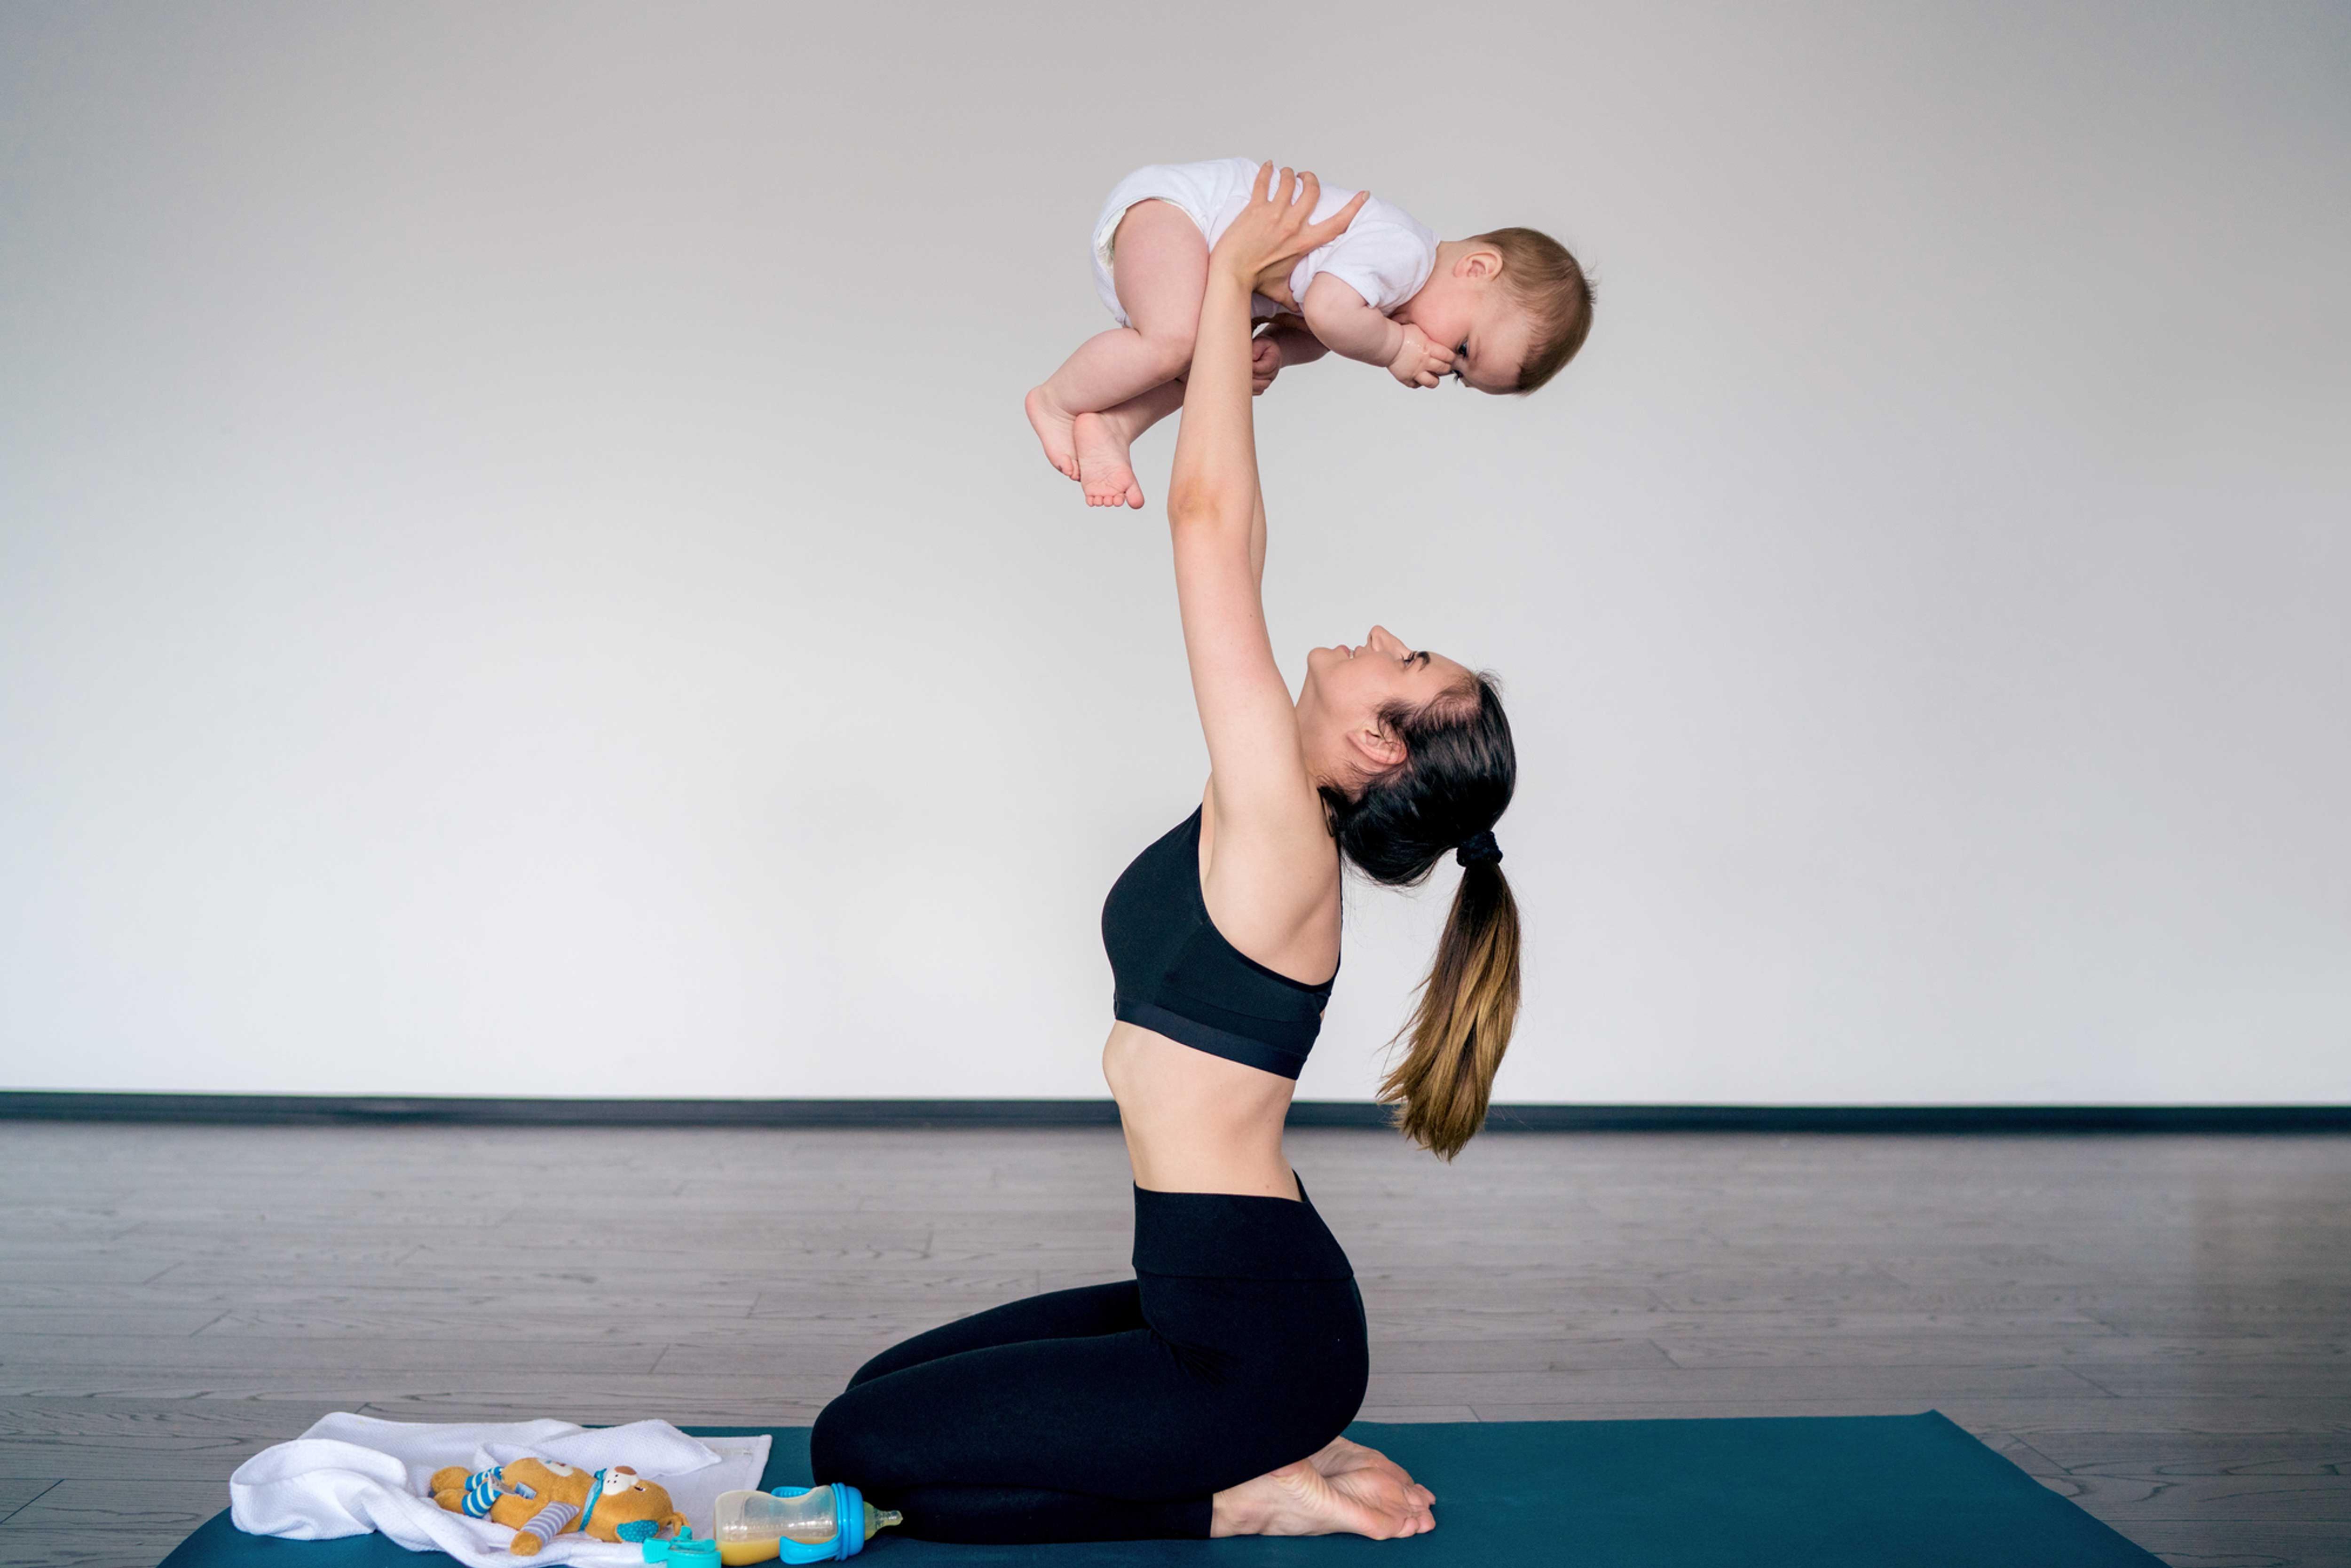 Mum & Baby Yoga | Retiro Park